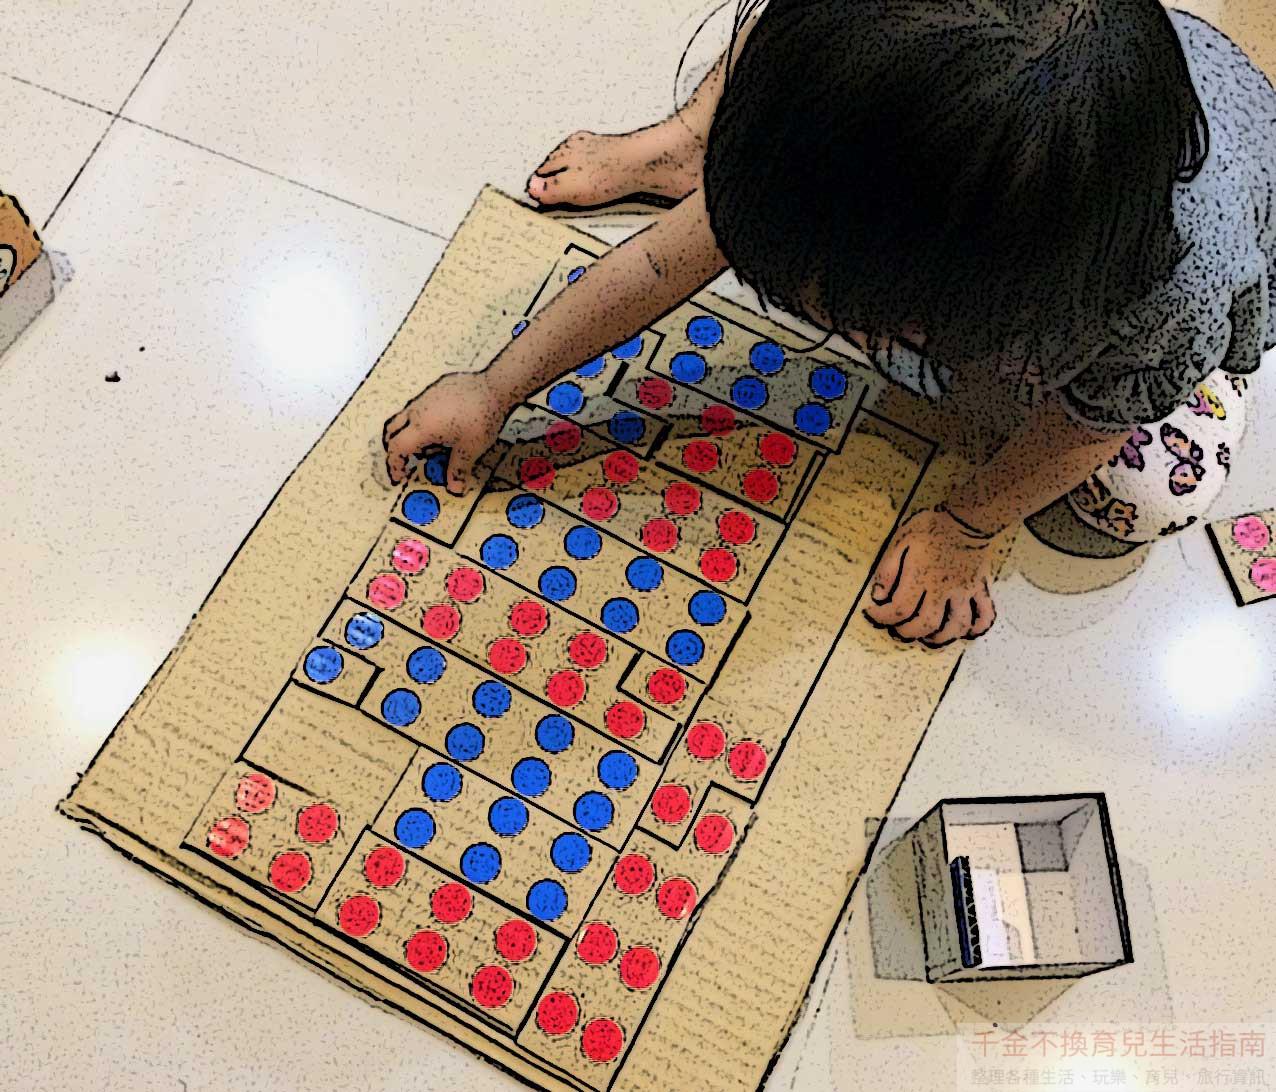 【學齡前數學】玩遊戲學1到10加法,用尿布紙箱自製幼兒教具超簡單